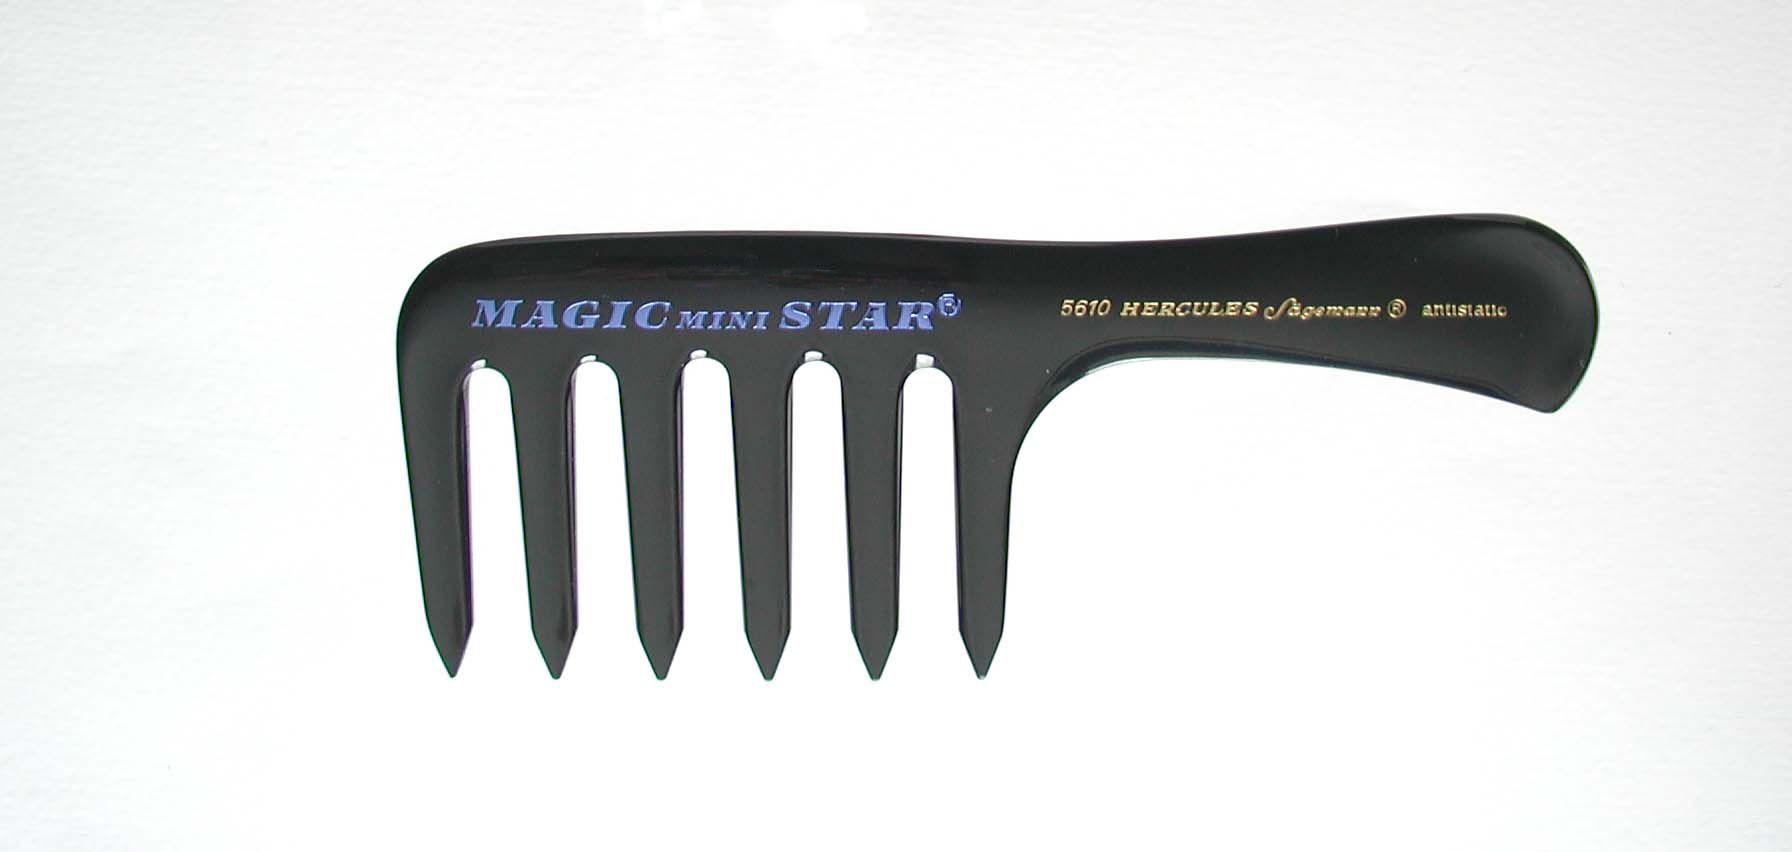 Hercules Sägemann 5610 MAGIC Mini STAR Griffkamm 6,5''